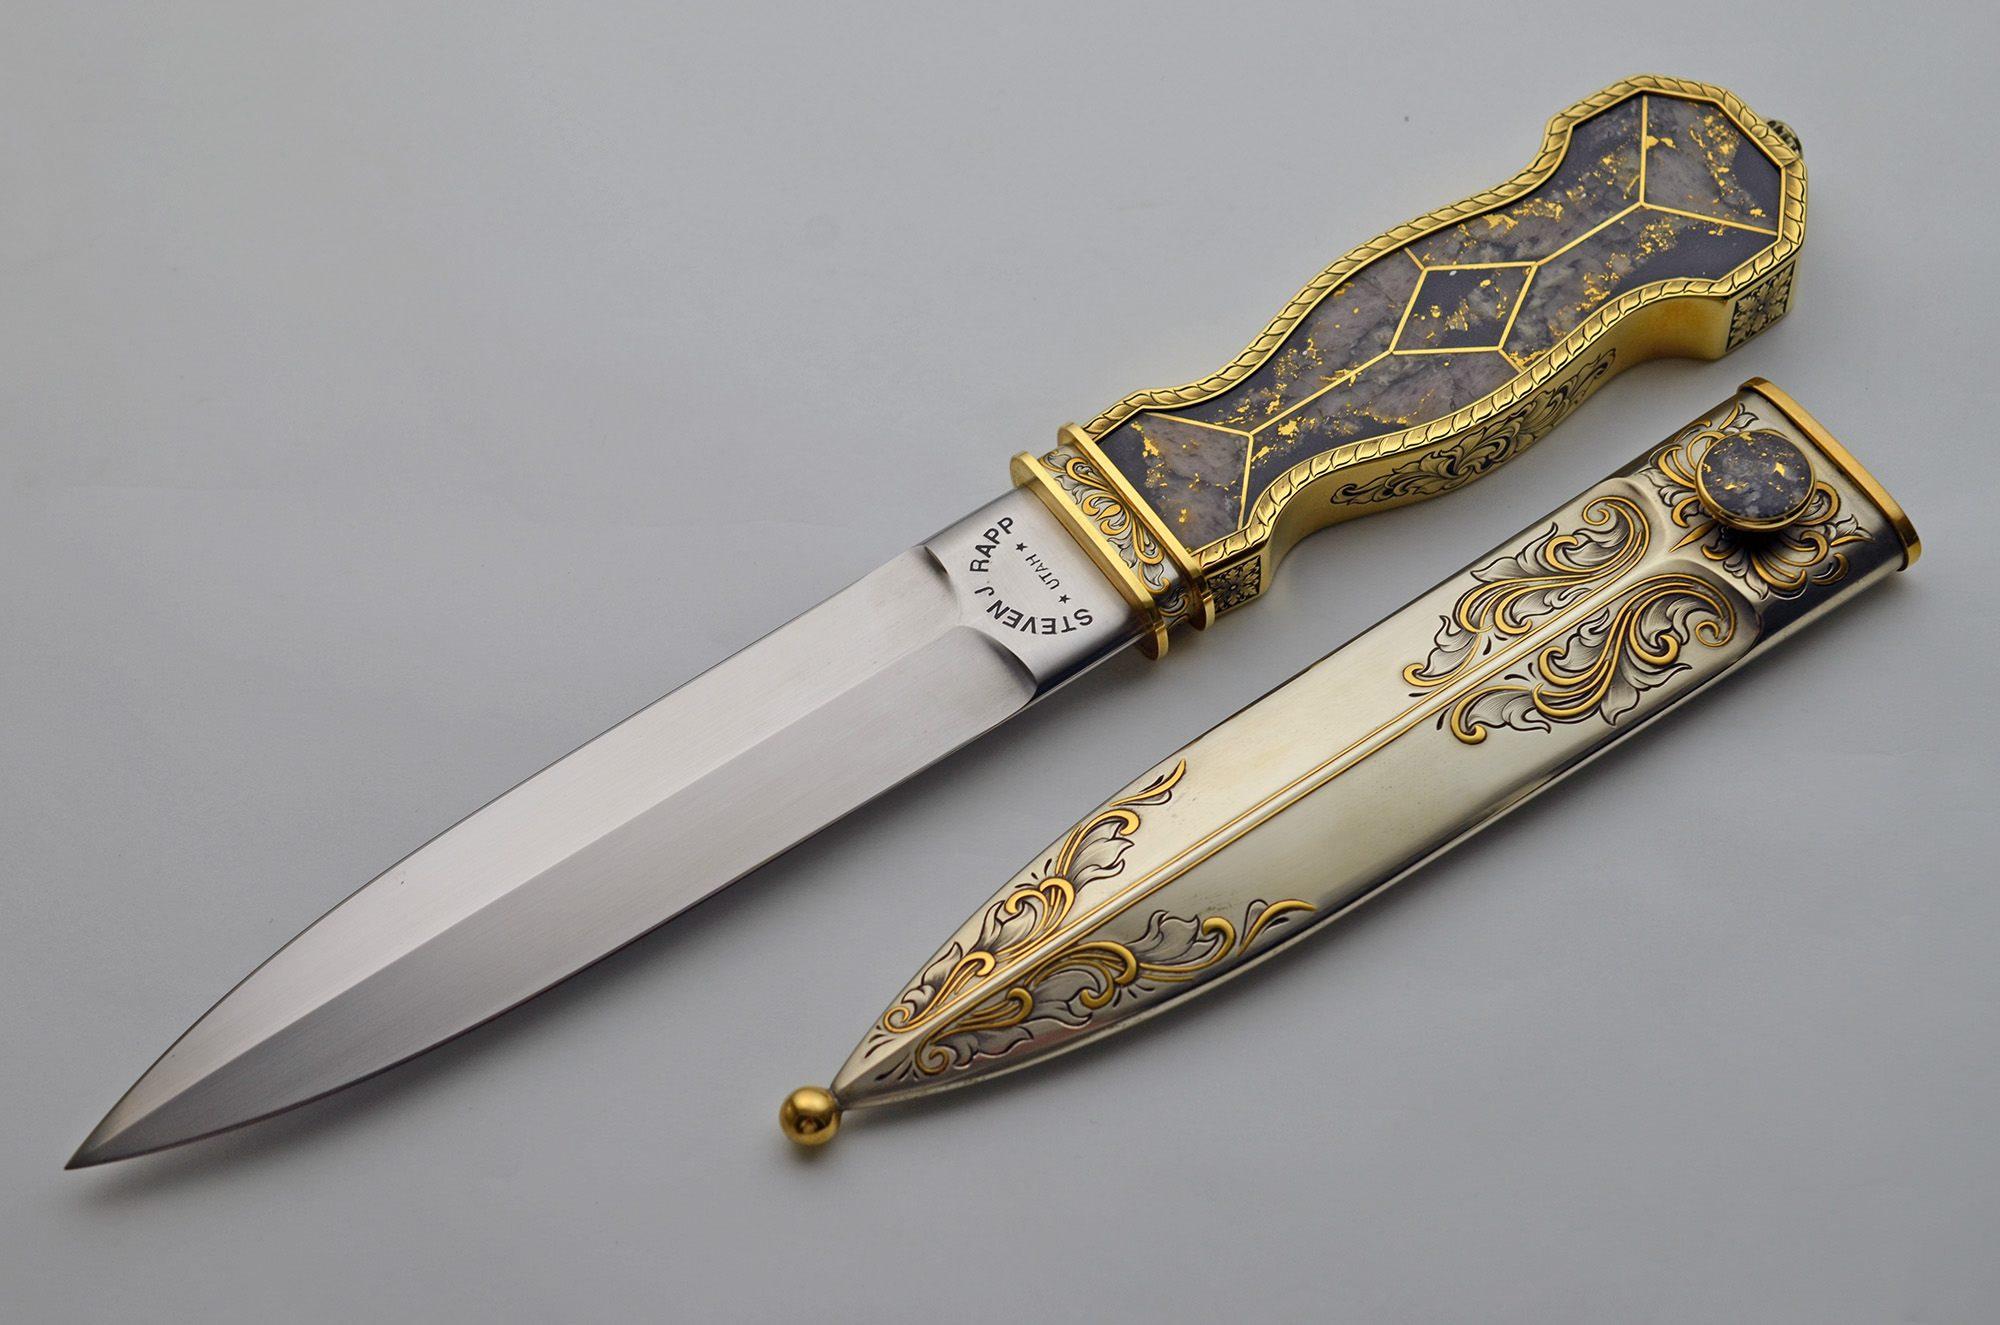 steve rapp bowie knife